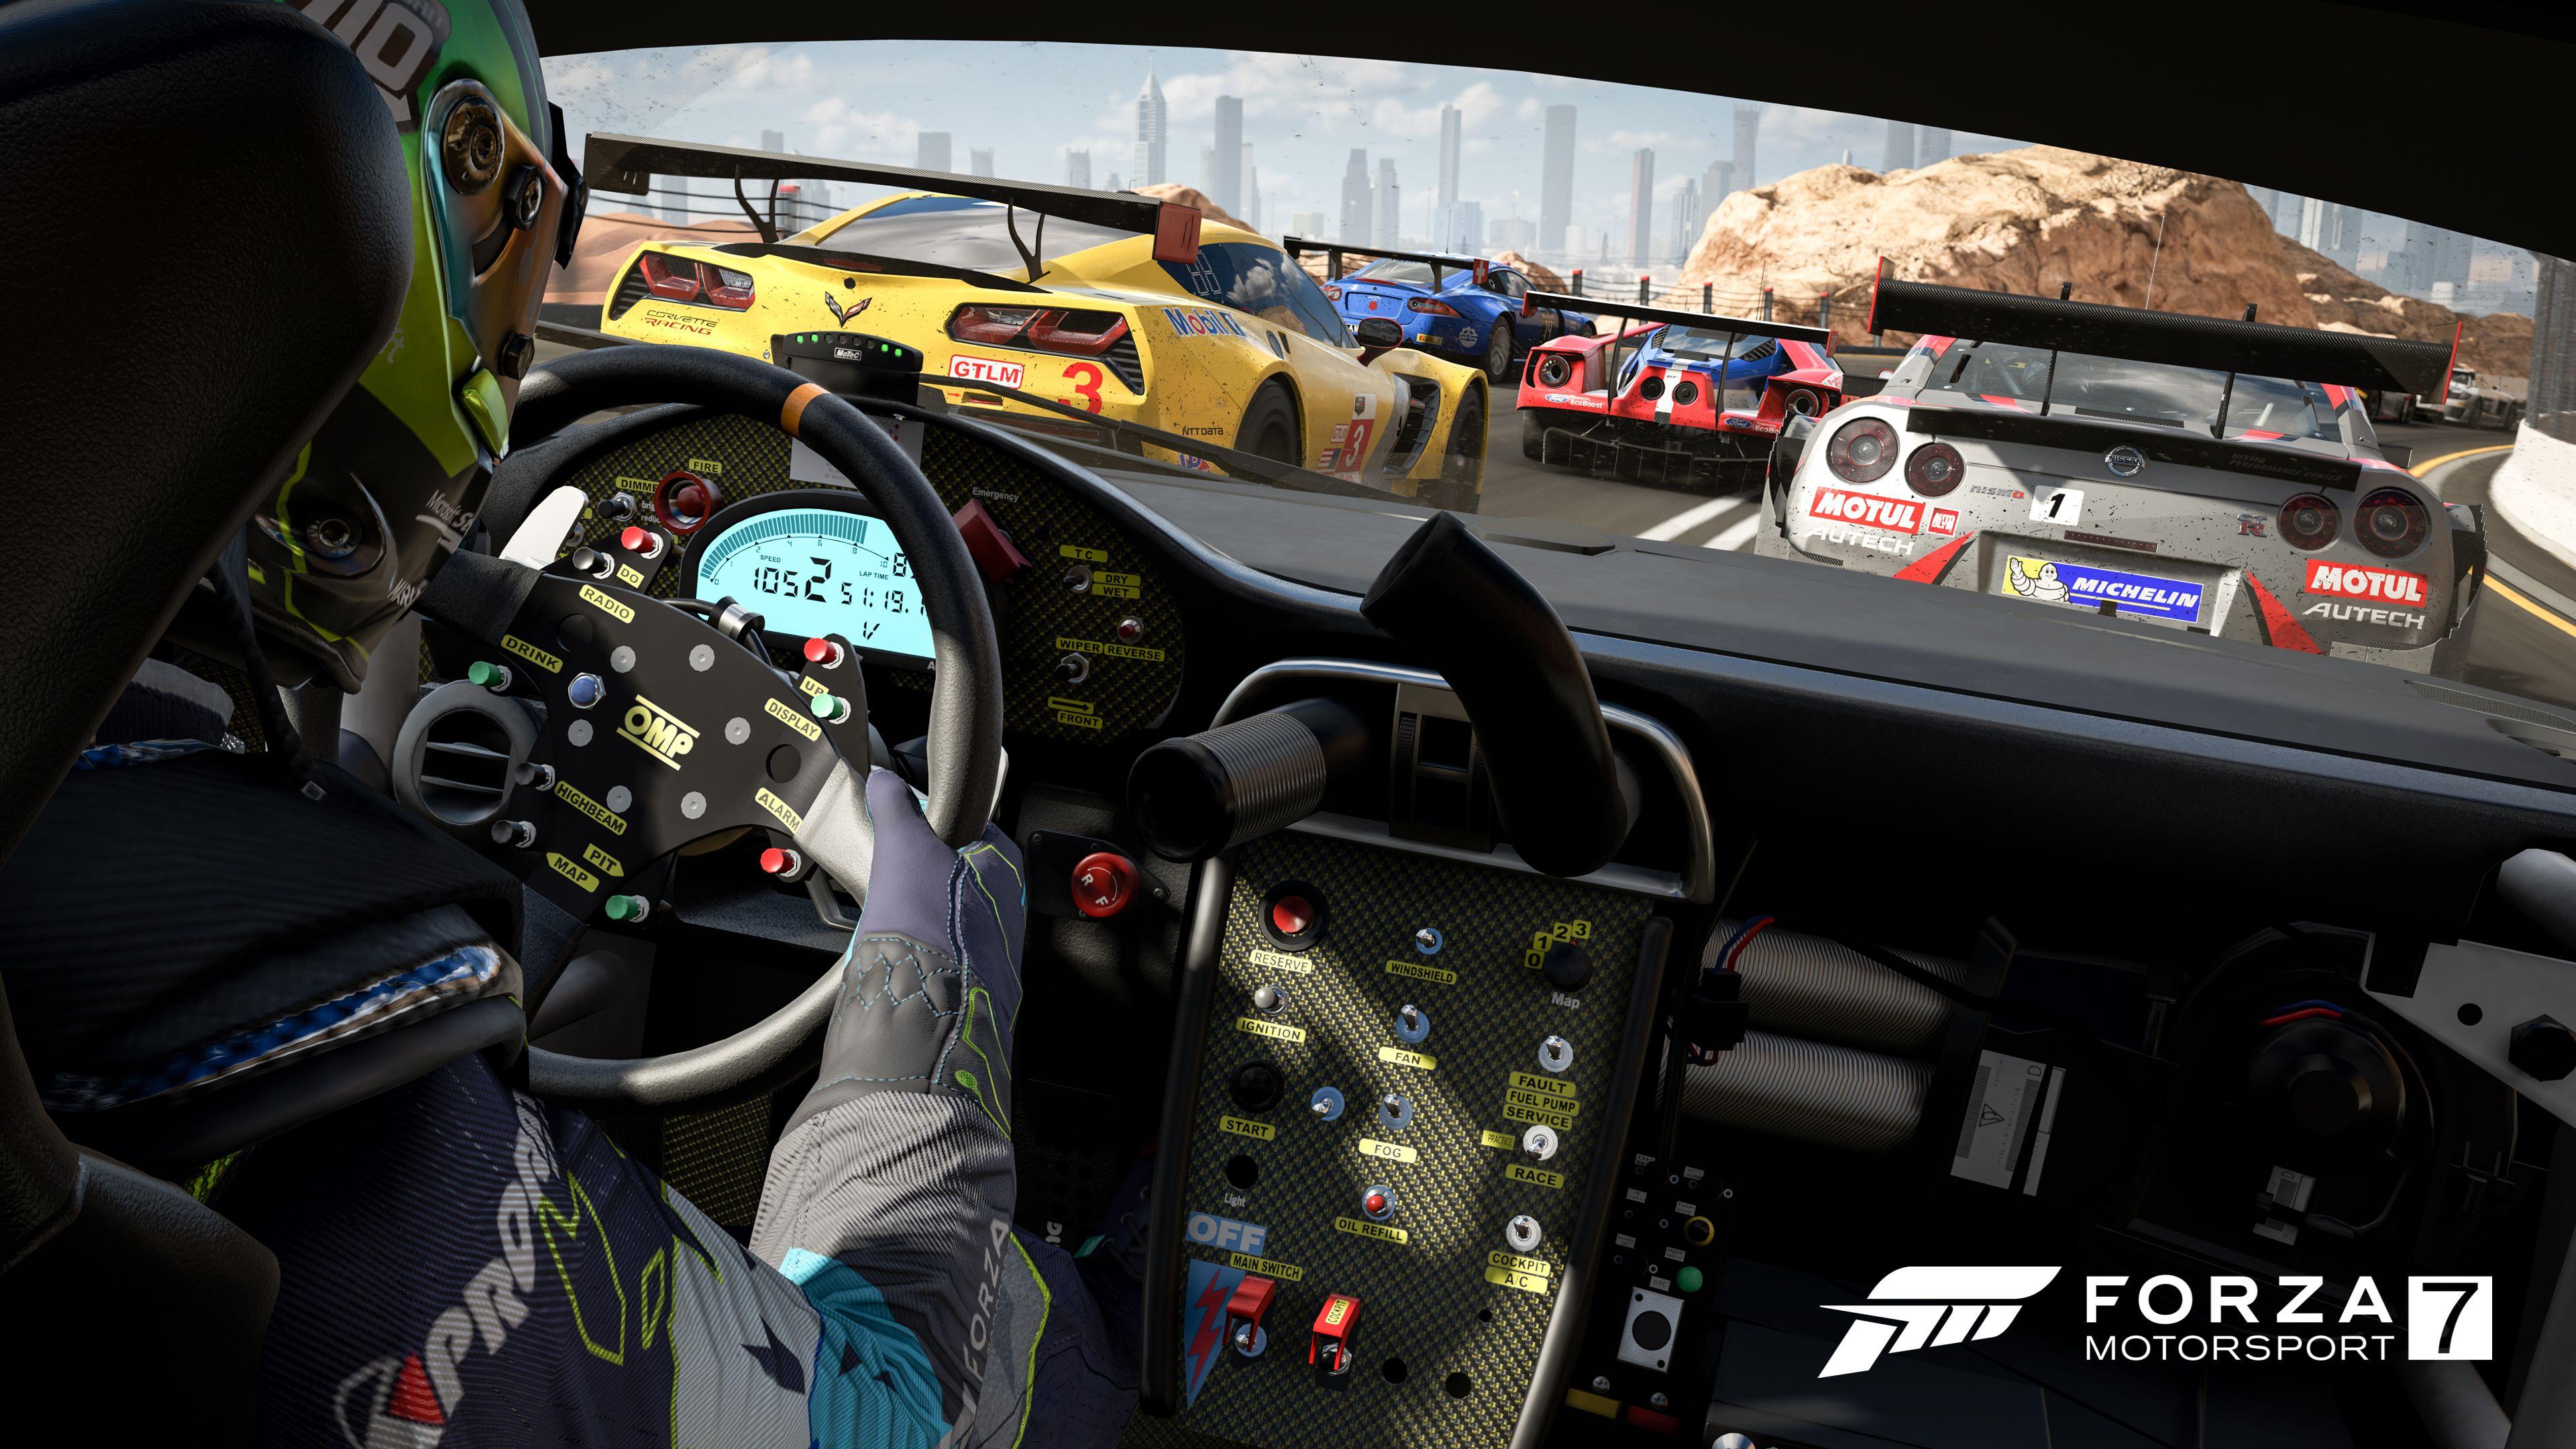 Forza Motorsport 7 - HW nároky, demo a obrázky 148637